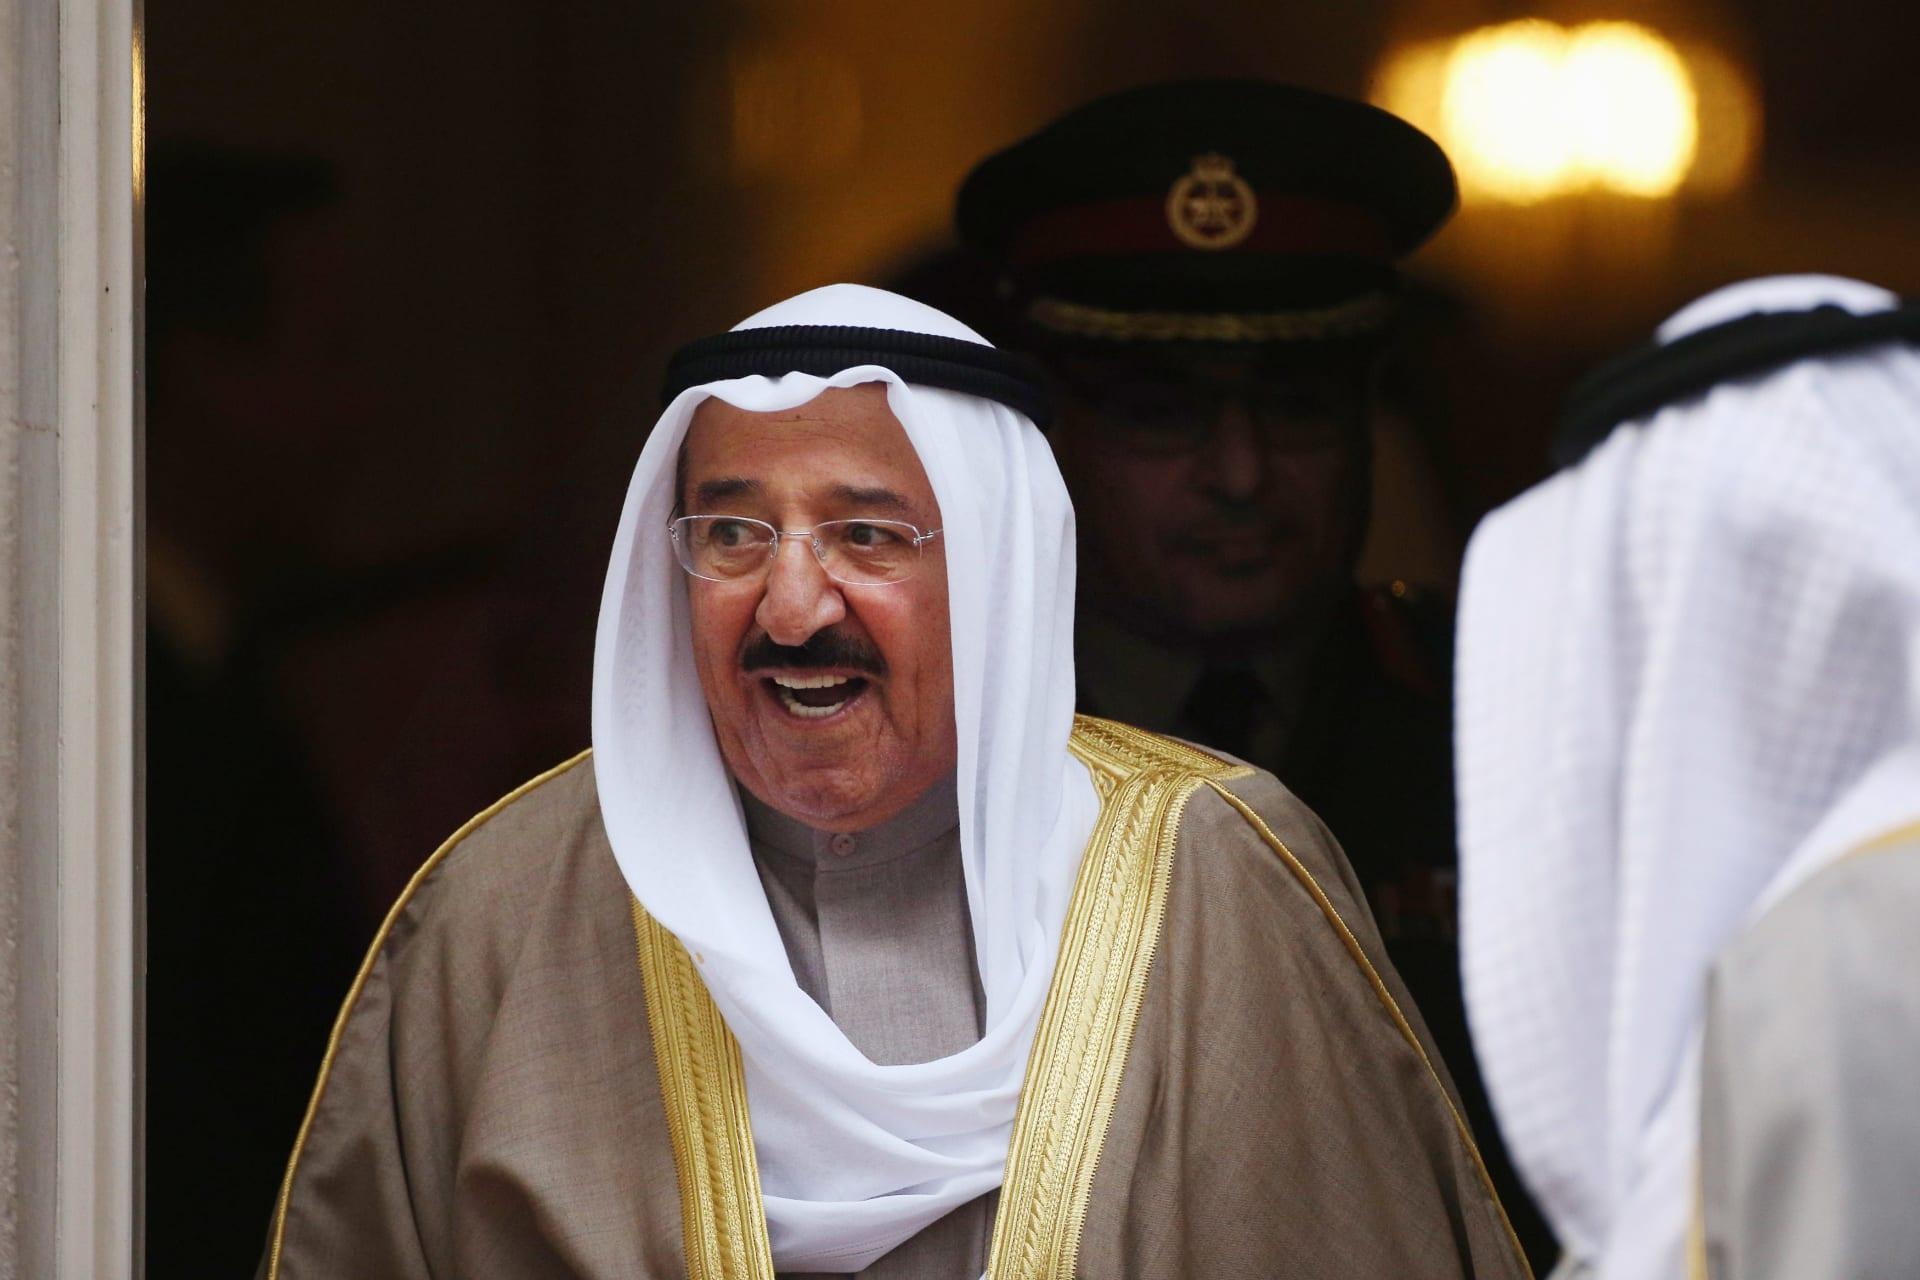 بينهم الملك عبدالعزيز آل سعود.. هؤلاء القادة حصلوا على وسام الاستحقاق الأمريكي الممنوح لأمير الكويت